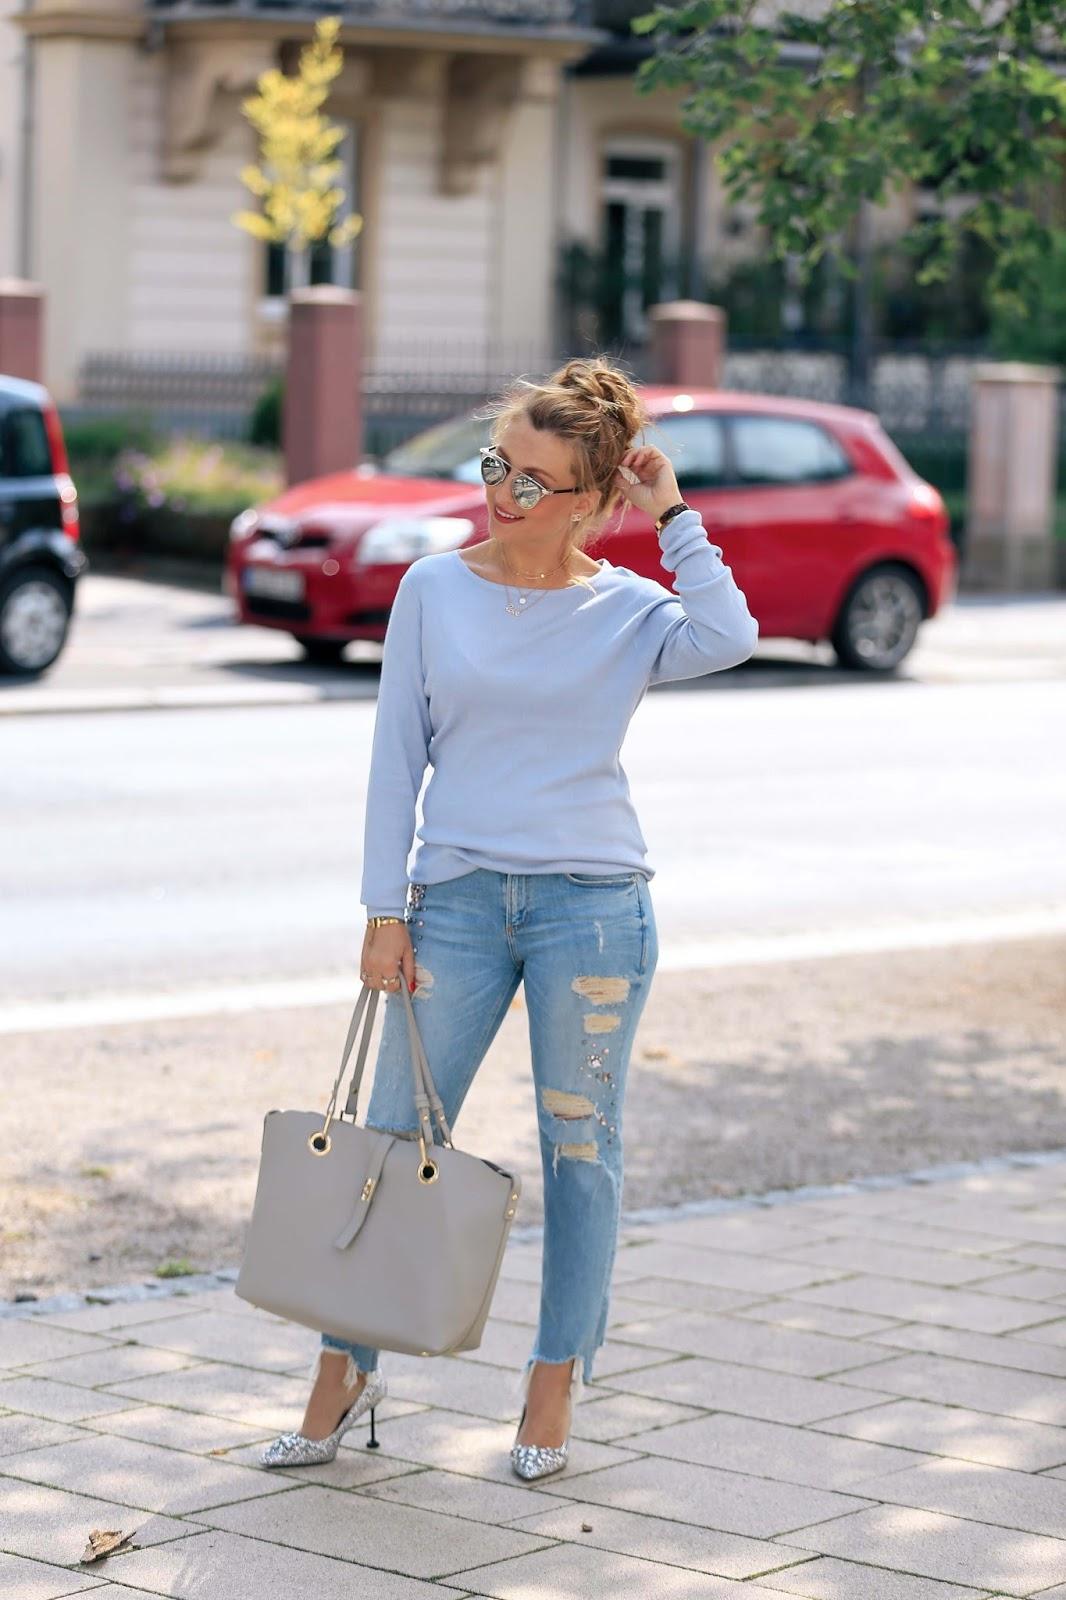 Fashionblogger-aus-deutschland-deutsche-fashionblogger-blauer-pullover-fashionstylebyjohanna